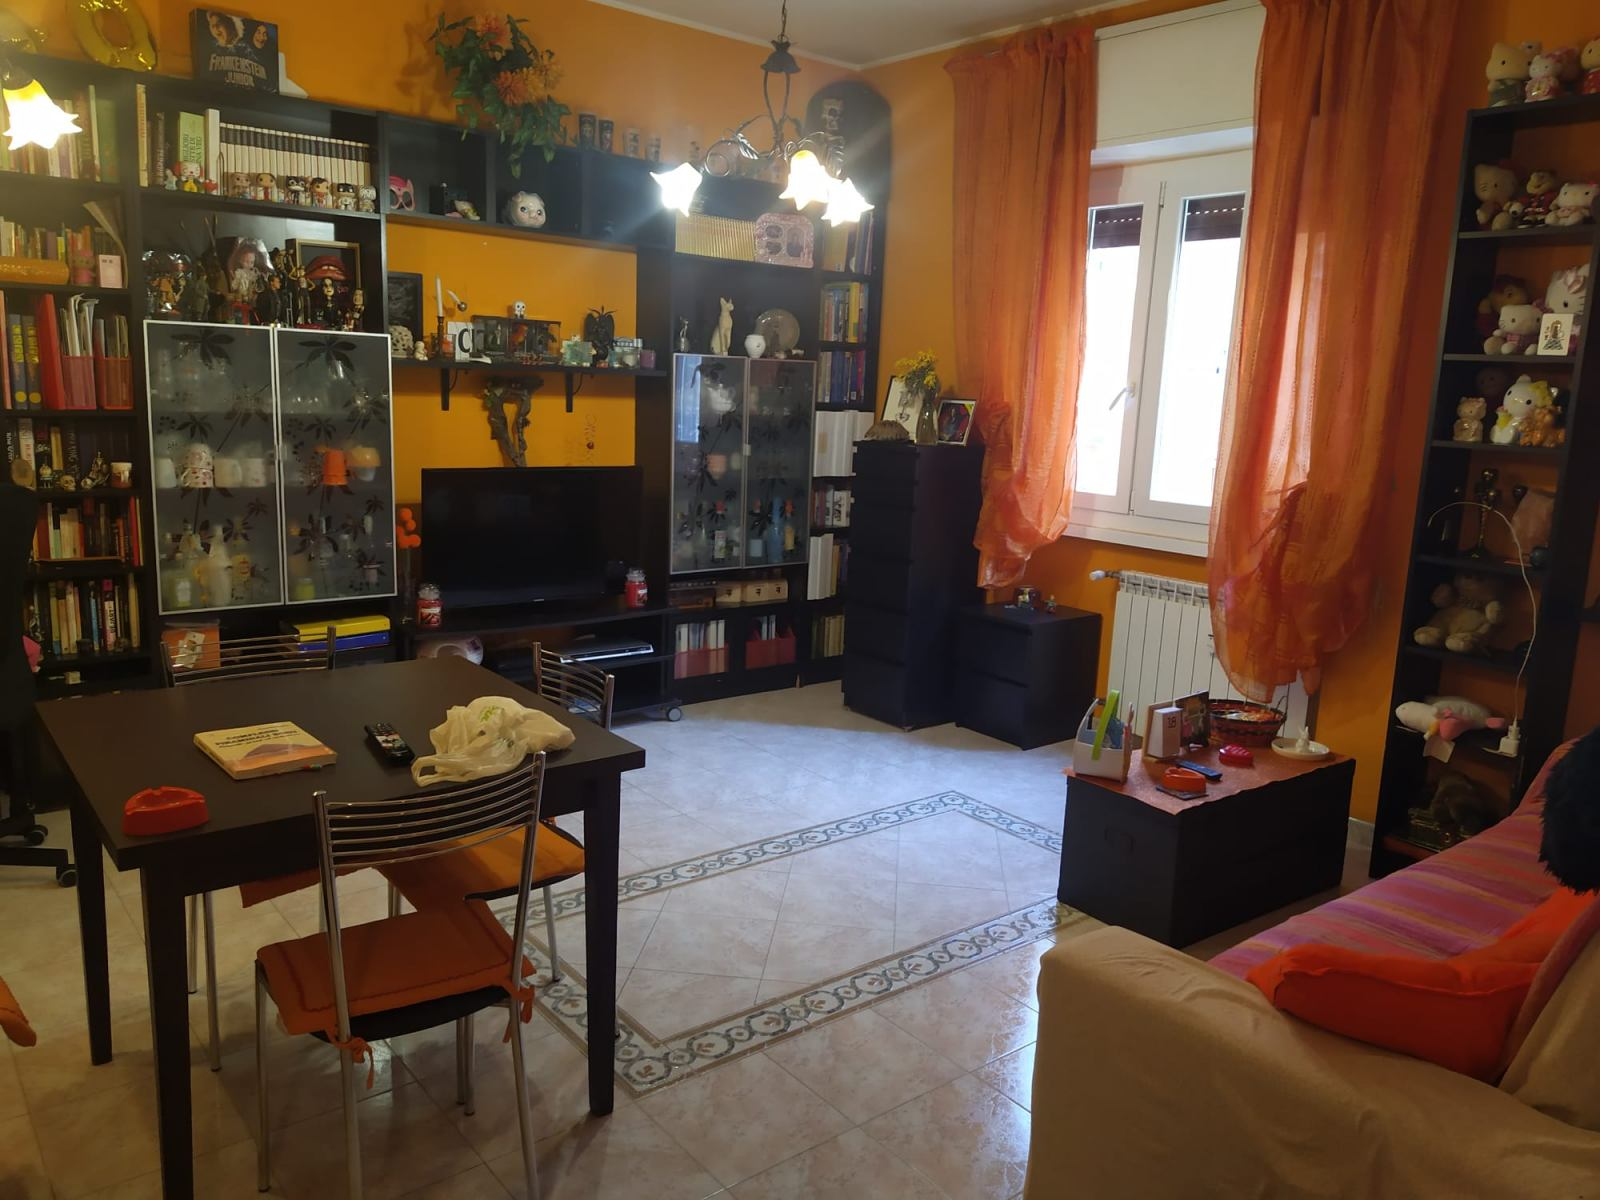 appartamento-bilocale-in-vendita-a-corsico-spaziourbano-immobiliare-vende-15